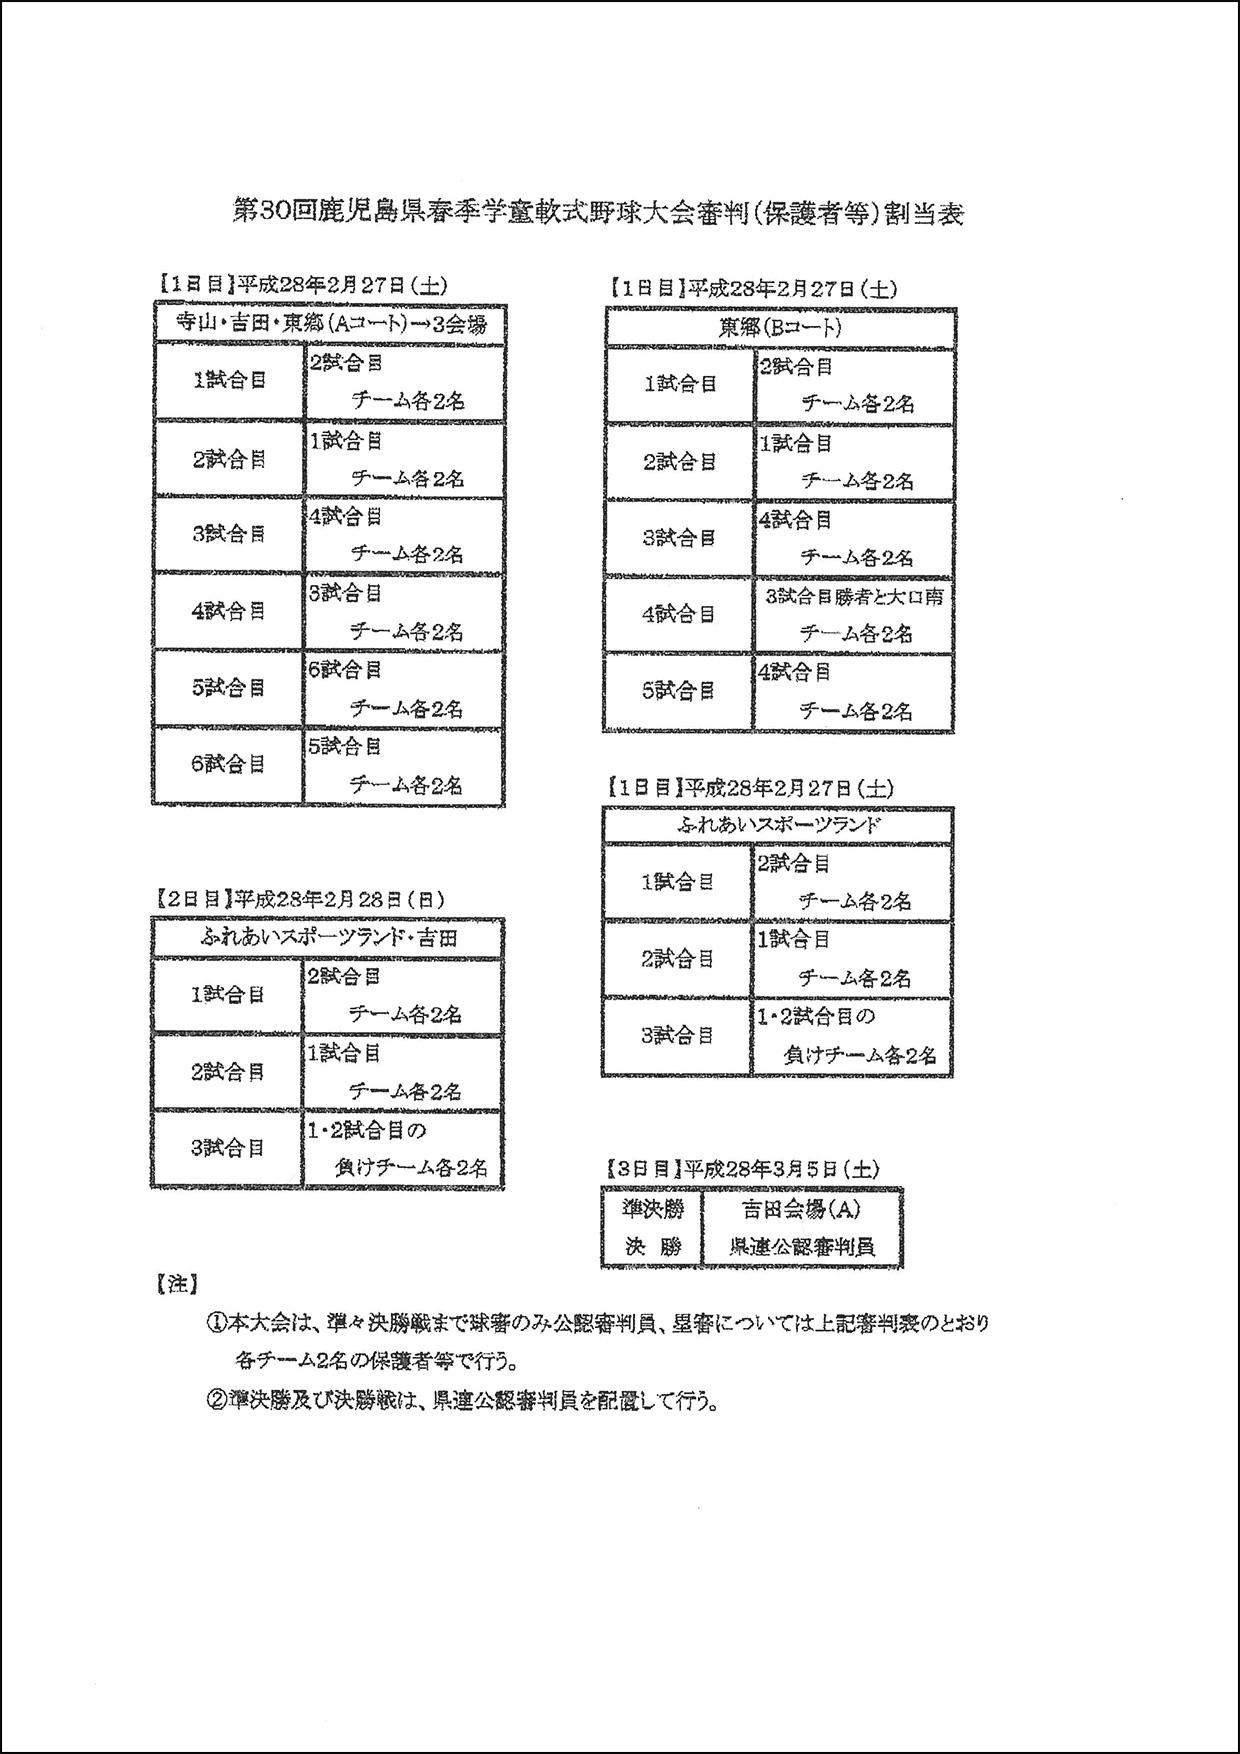 第30回春季学童審判割当表・各施設の利用に関するお願い-1